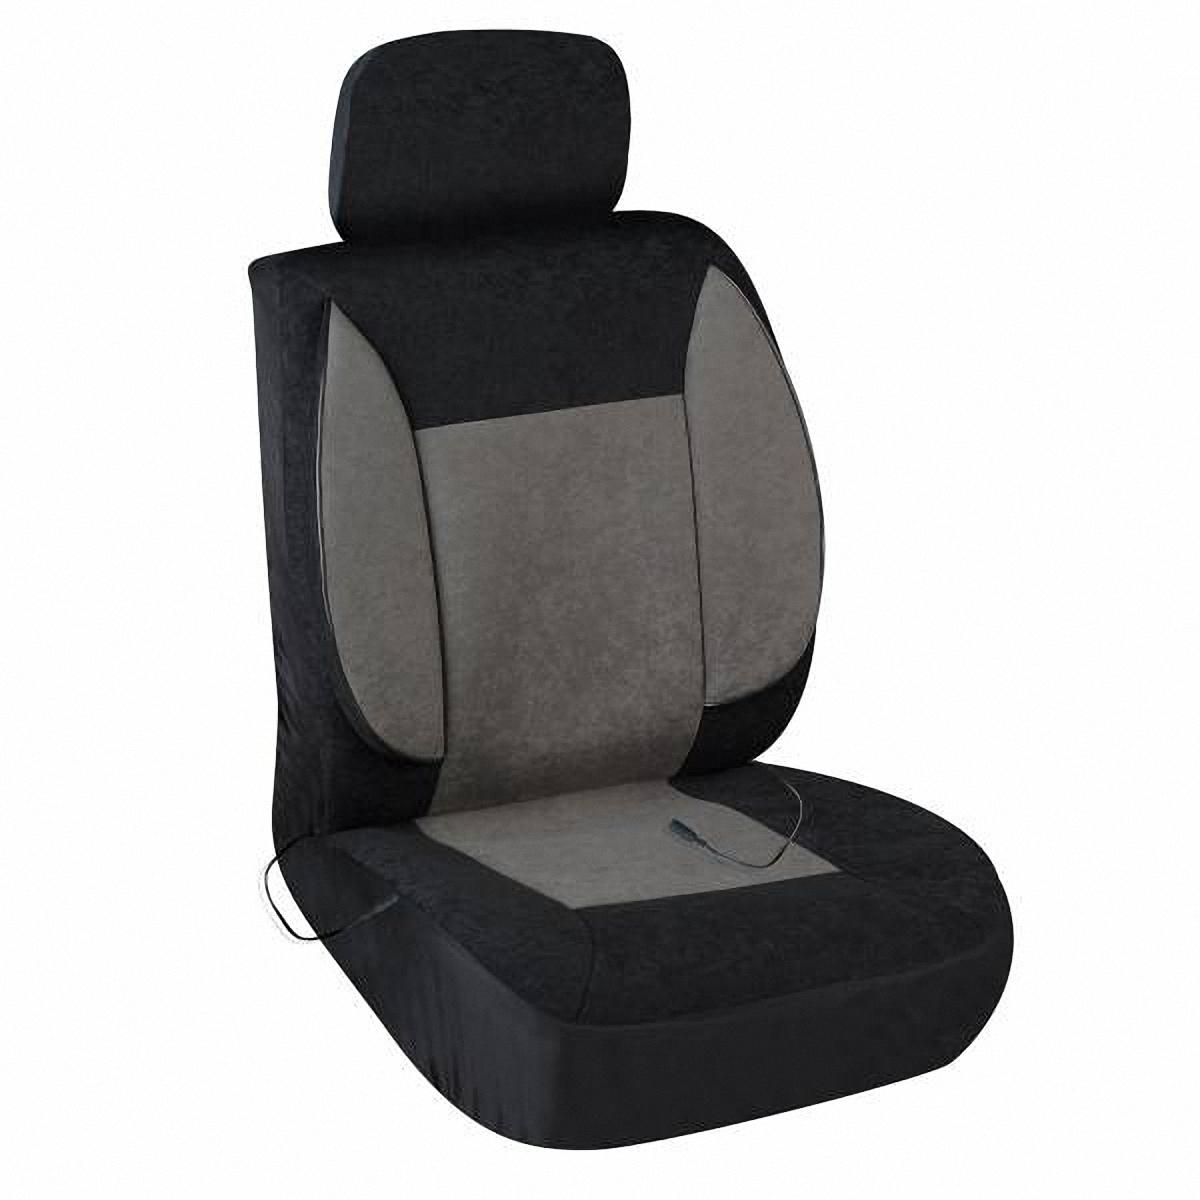 Чехол на сиденье Skyway, с подогревом. S02202006S02202006Чехол на сиденье Skyway, изготовленный из велюра, снижает усталость при управлении автомобилем и обеспечивает комфортное вождение в холодное время года. Подогрев сиденья с терморегулятором (2 режима). В качестве теплоносителя применяется углеродный материал. Такой нагреватель обладает феноменальной гибкостью и прочностью на разрыв в отличие от аналогов, изготовленных из медного или иного металлического провода. Устройство подключается к прикуривателю на 12V. Размер чехла: 116 х 56 см.